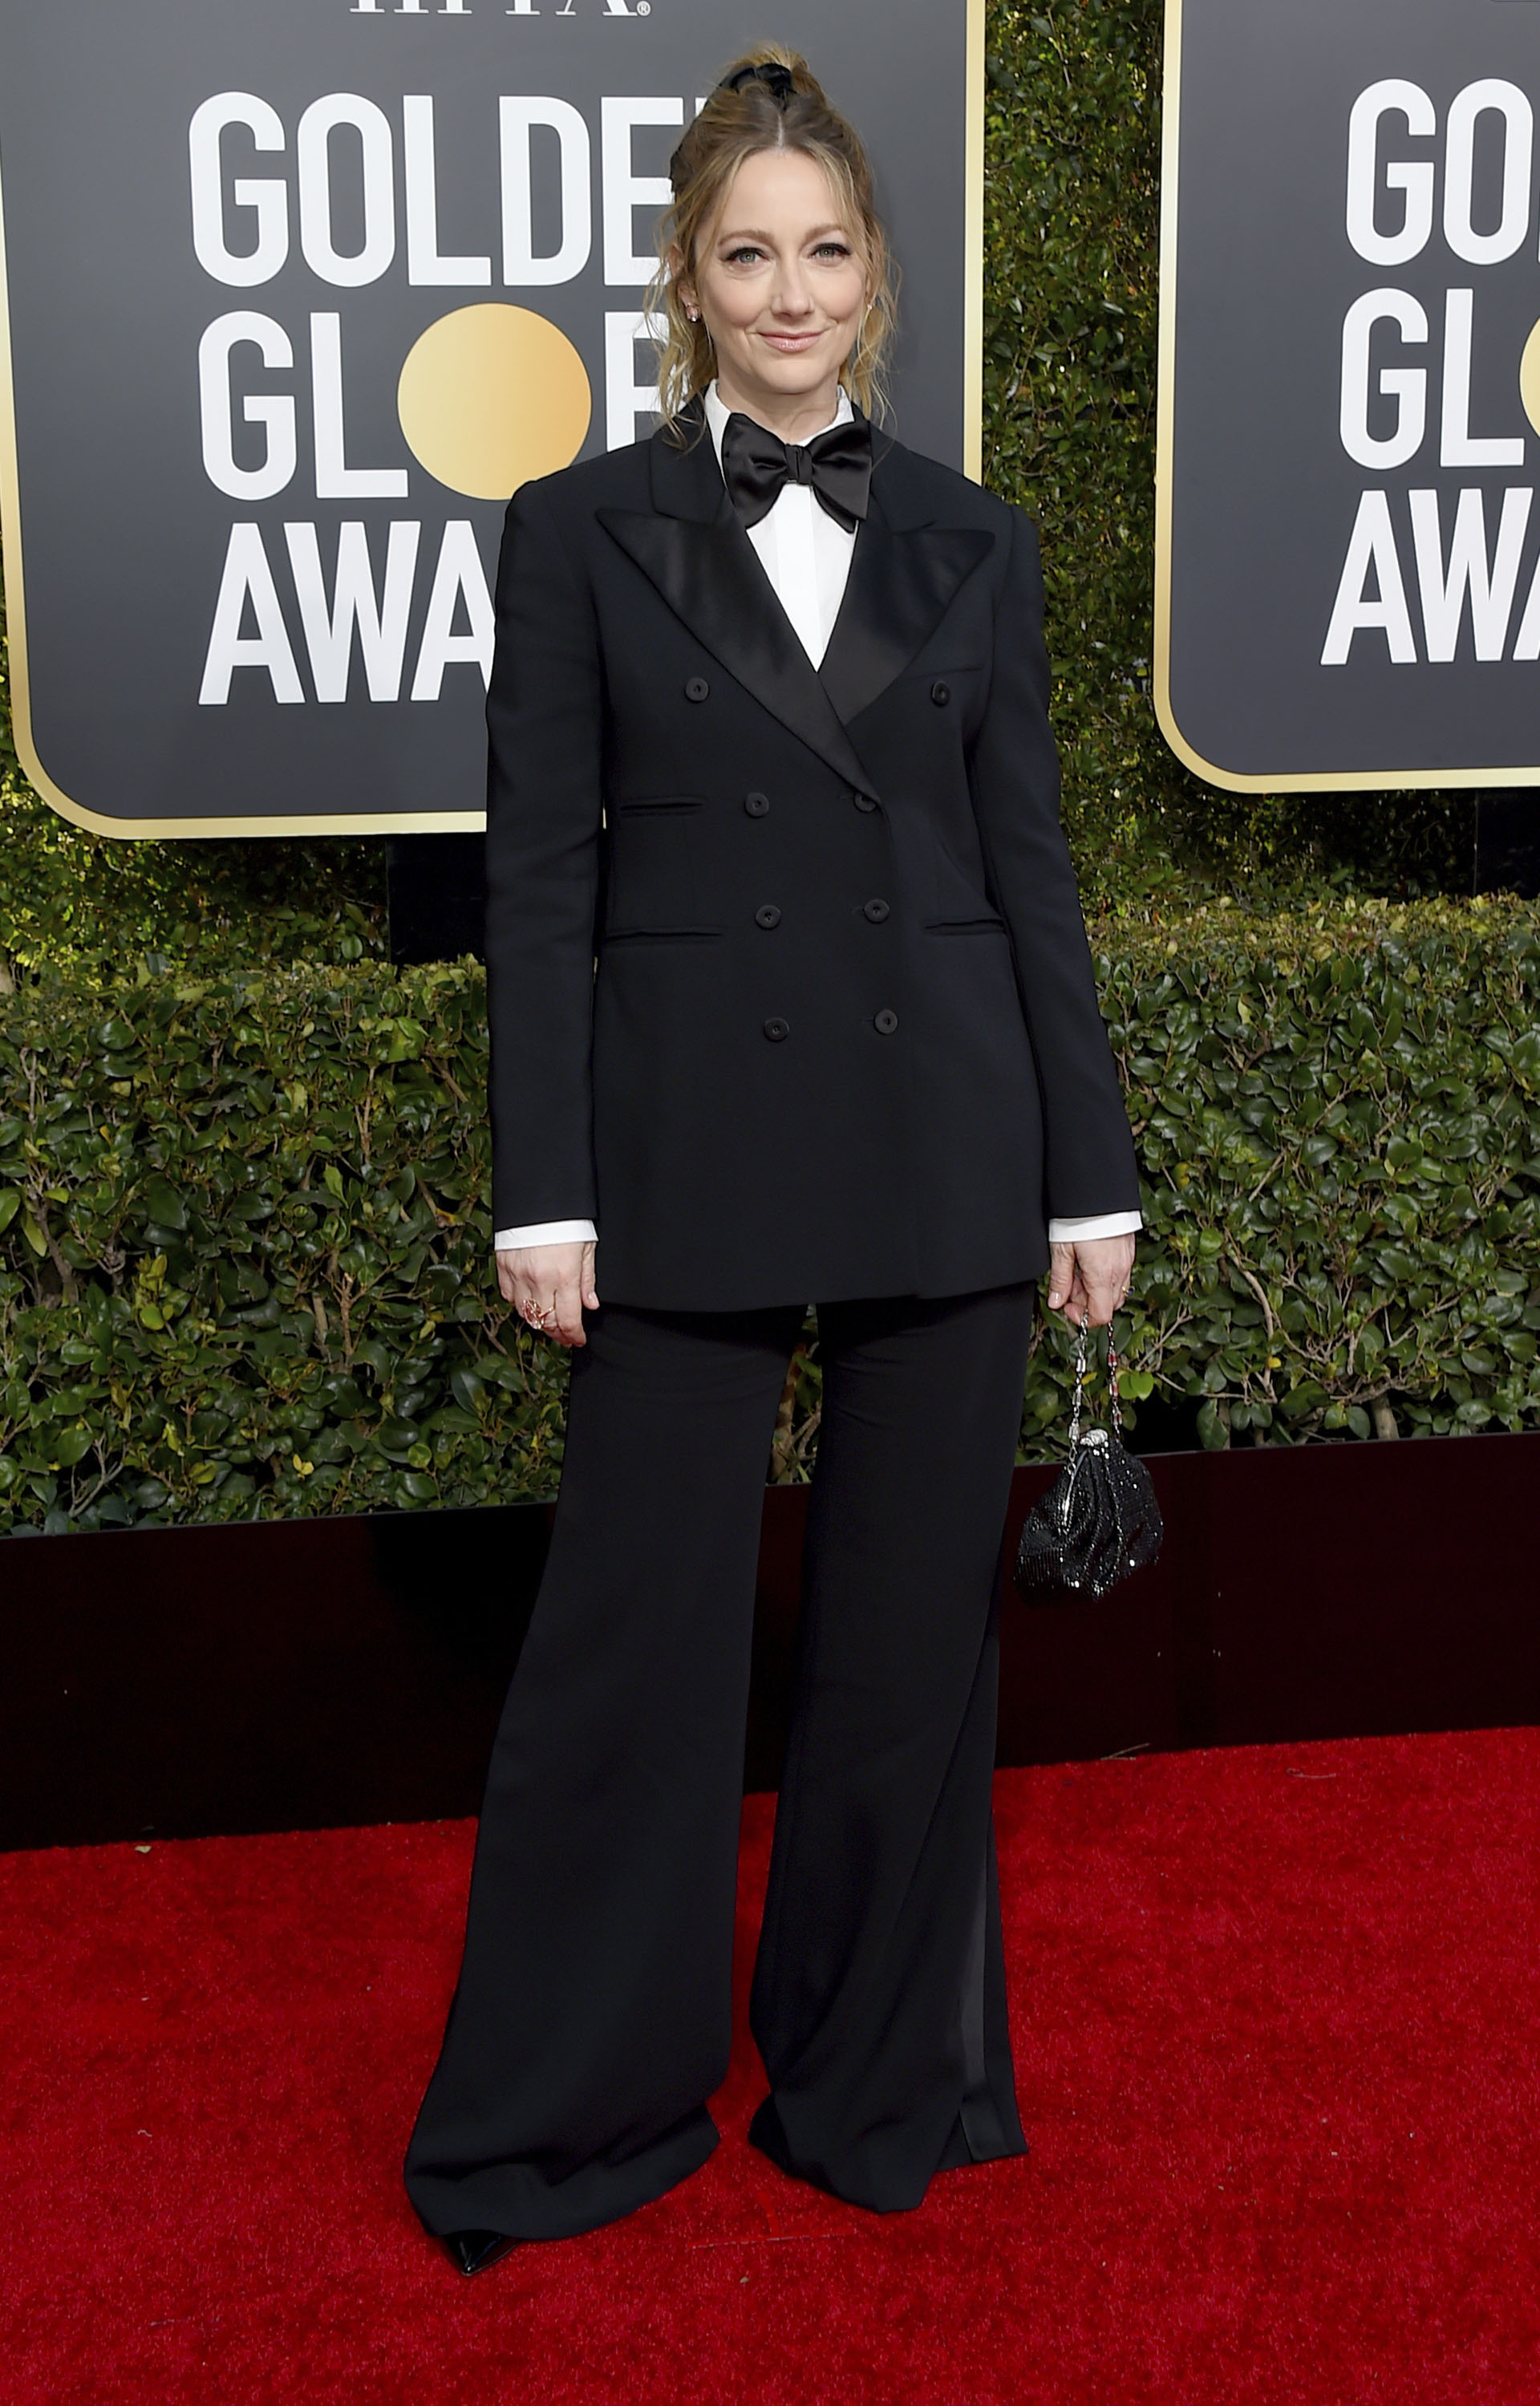 Judy Greer apostó al esmoquin masculino. Sorprendió a todos en la red carpet al usar el tradicional traje con moño, saco y pantalón oxford